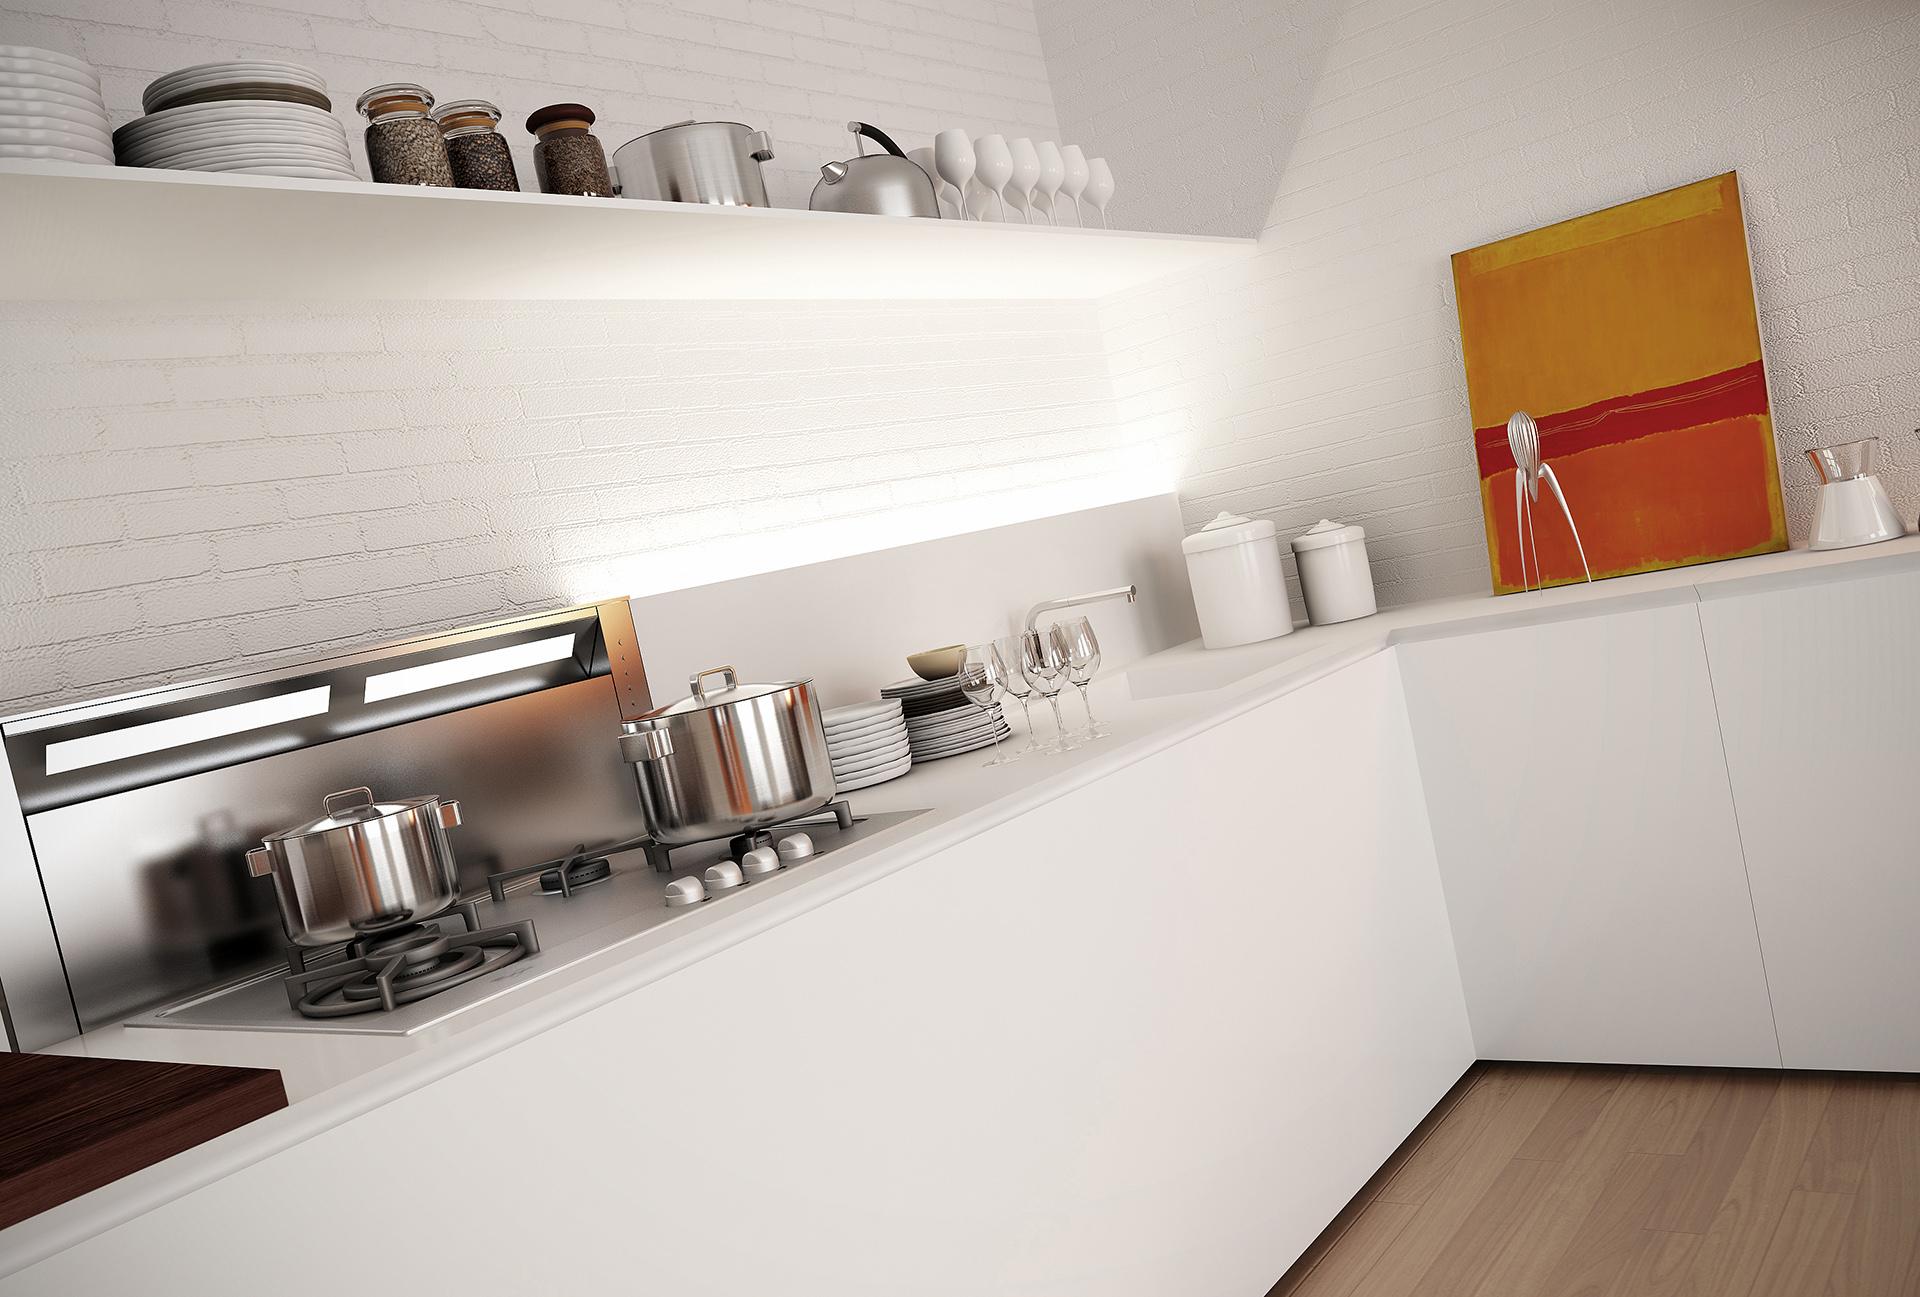 rendering fotorealistico della cucina dell'appartamento progettato da Francesco Aureli a Perugia